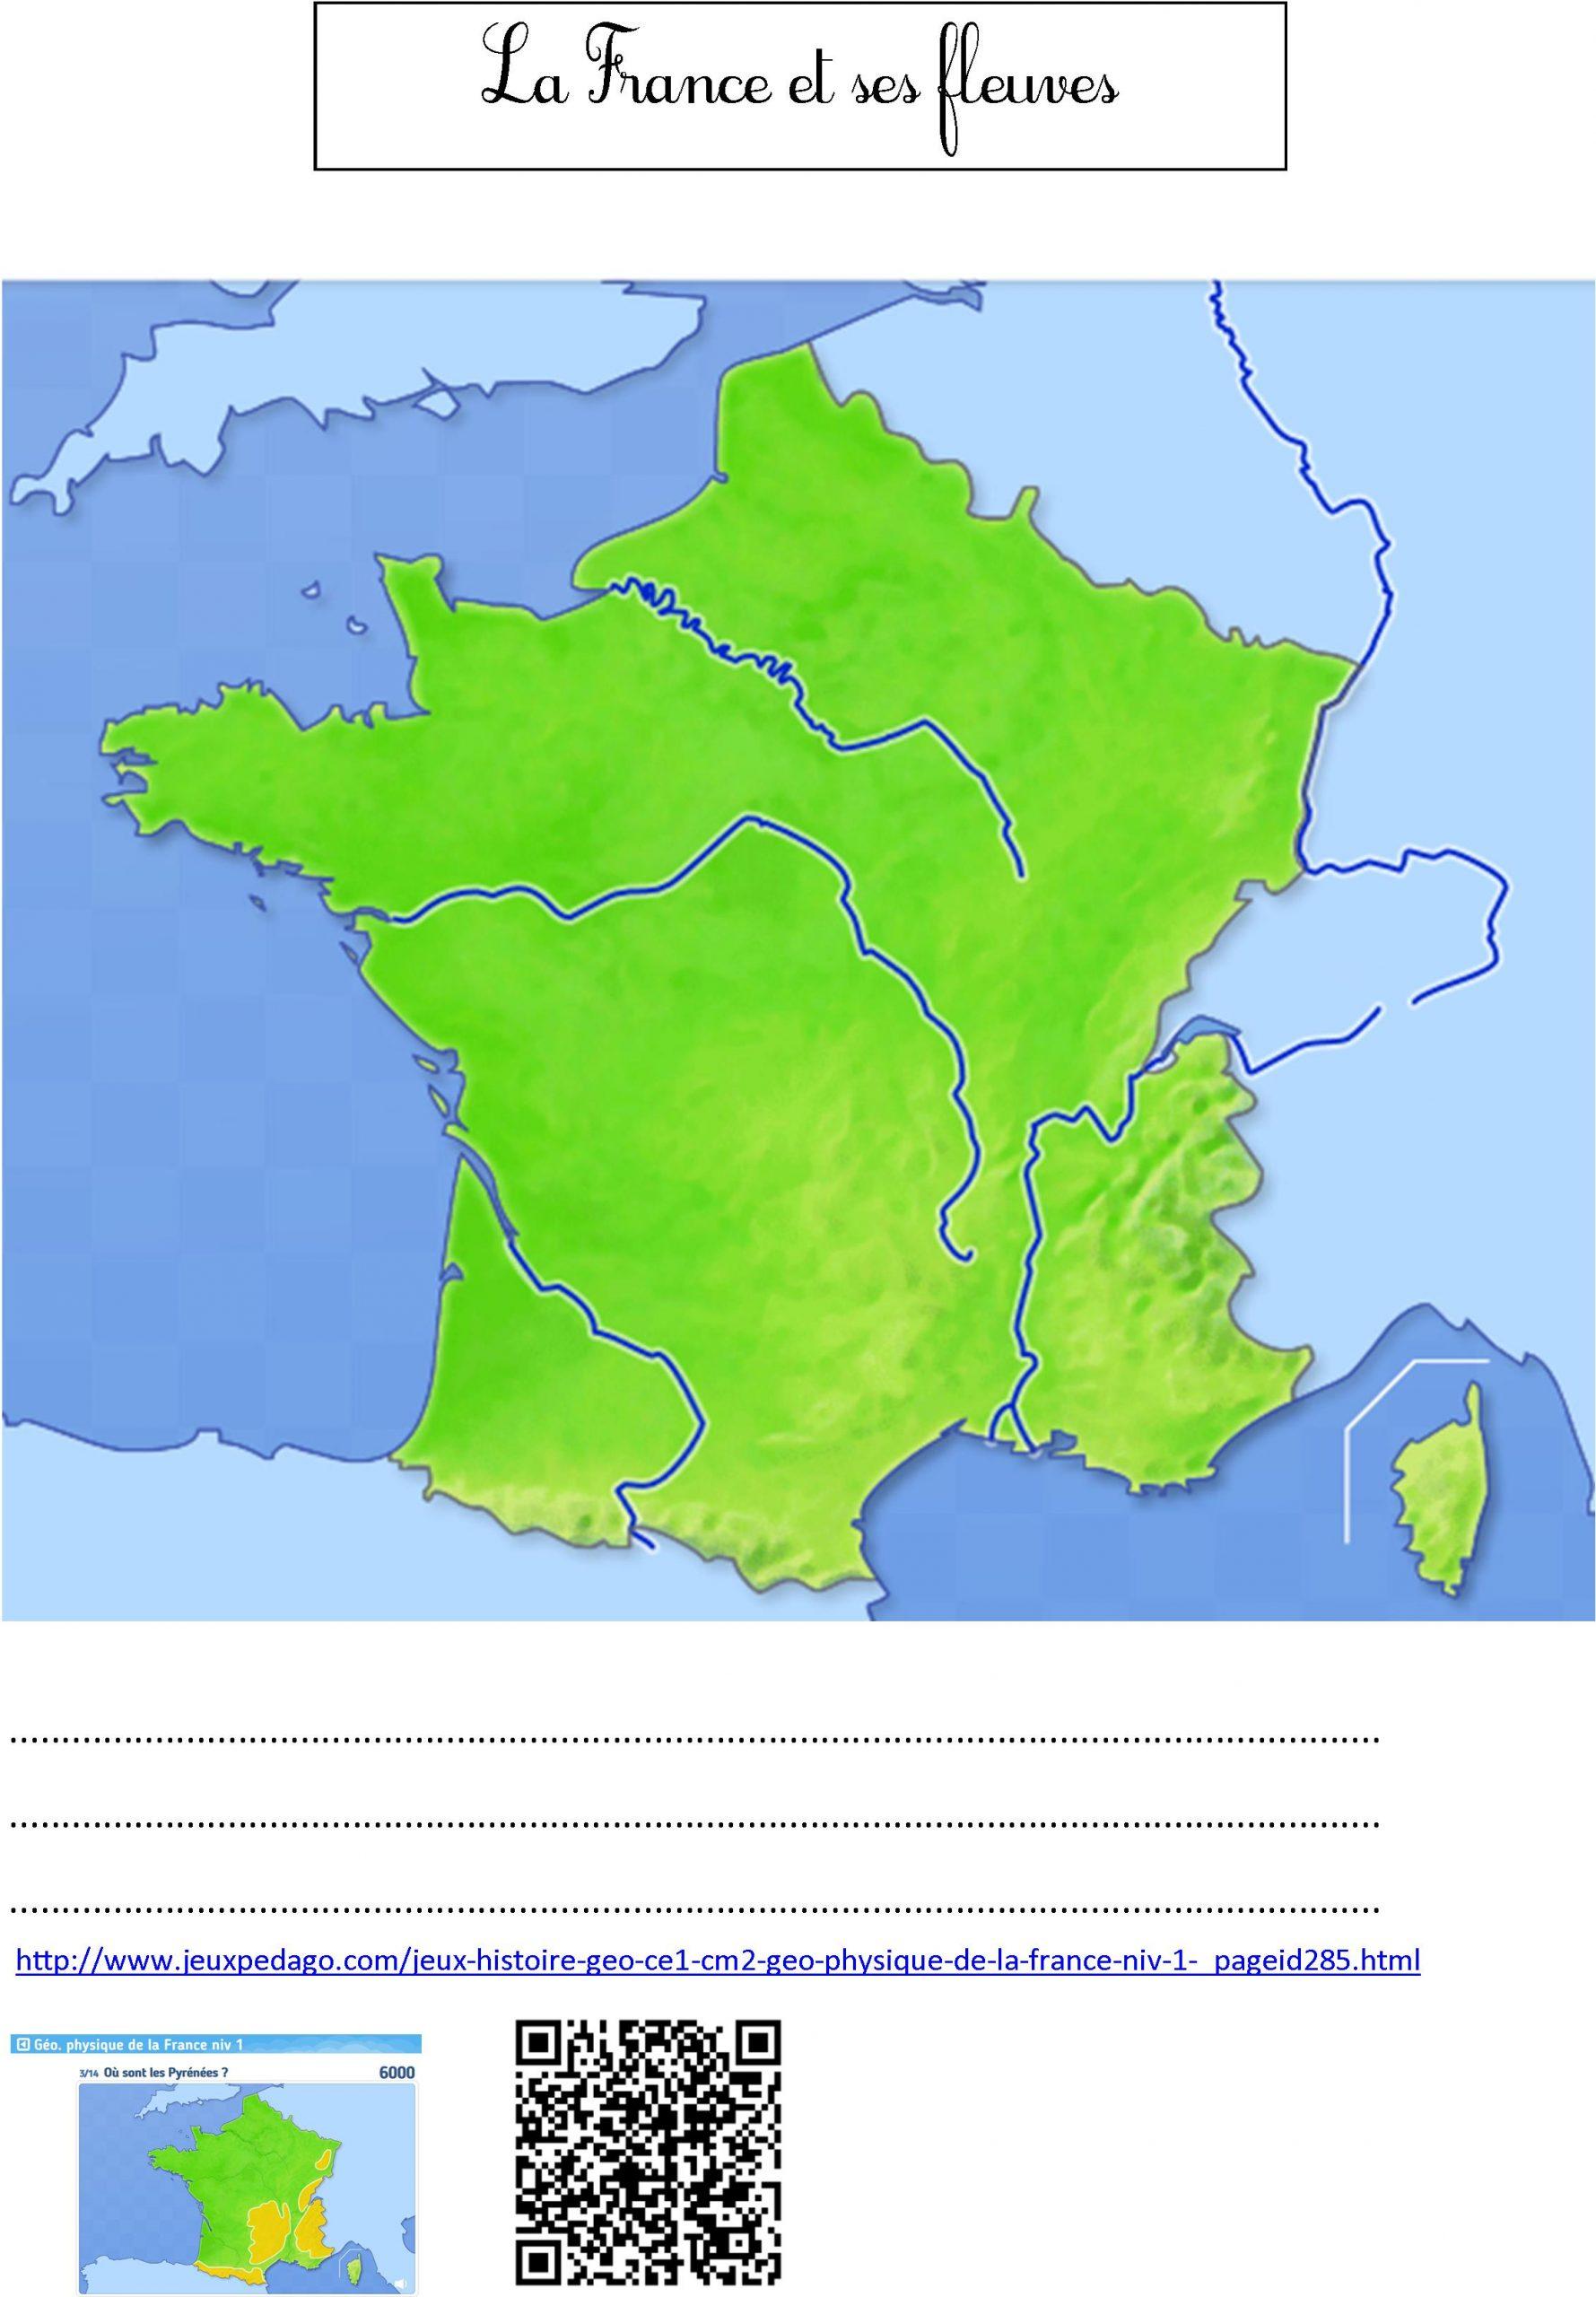 Fleuves De France   Le Blog De Monsieur Mathieu dedans Carte Des Fleuves De France